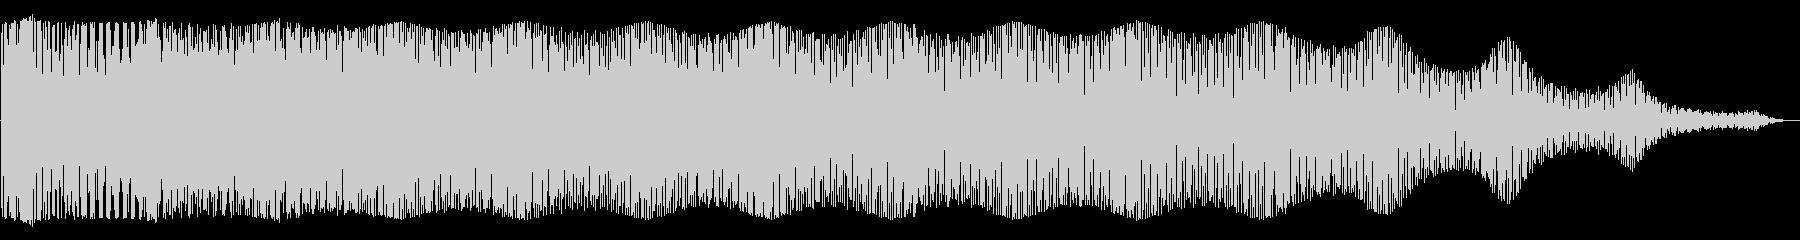 グワングワン(騒音)の未再生の波形